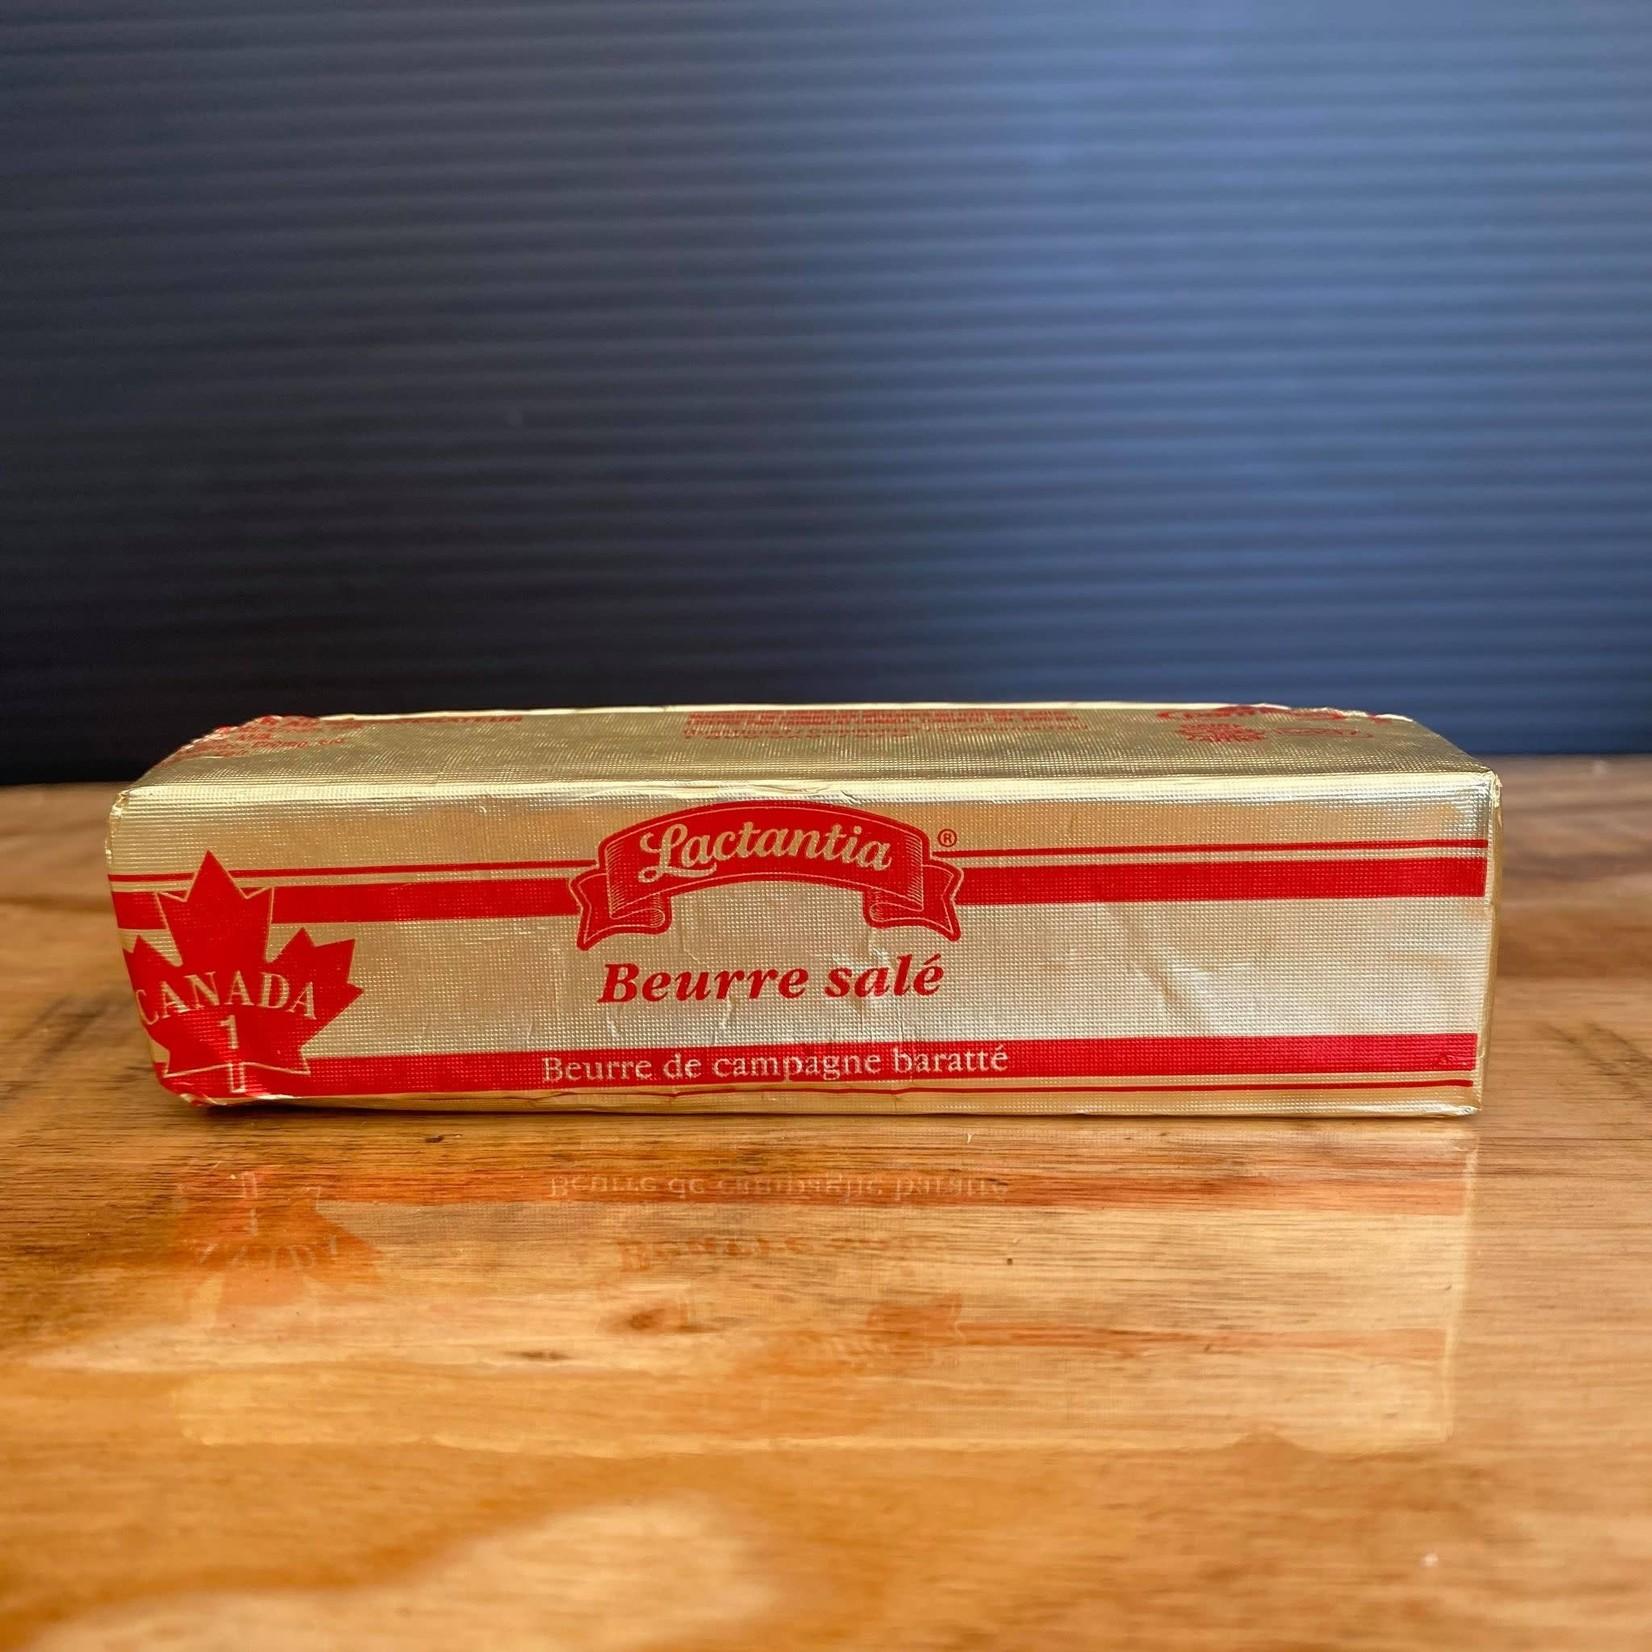 Bâtonnets Beurre Salé-Lactancia (113.5g)